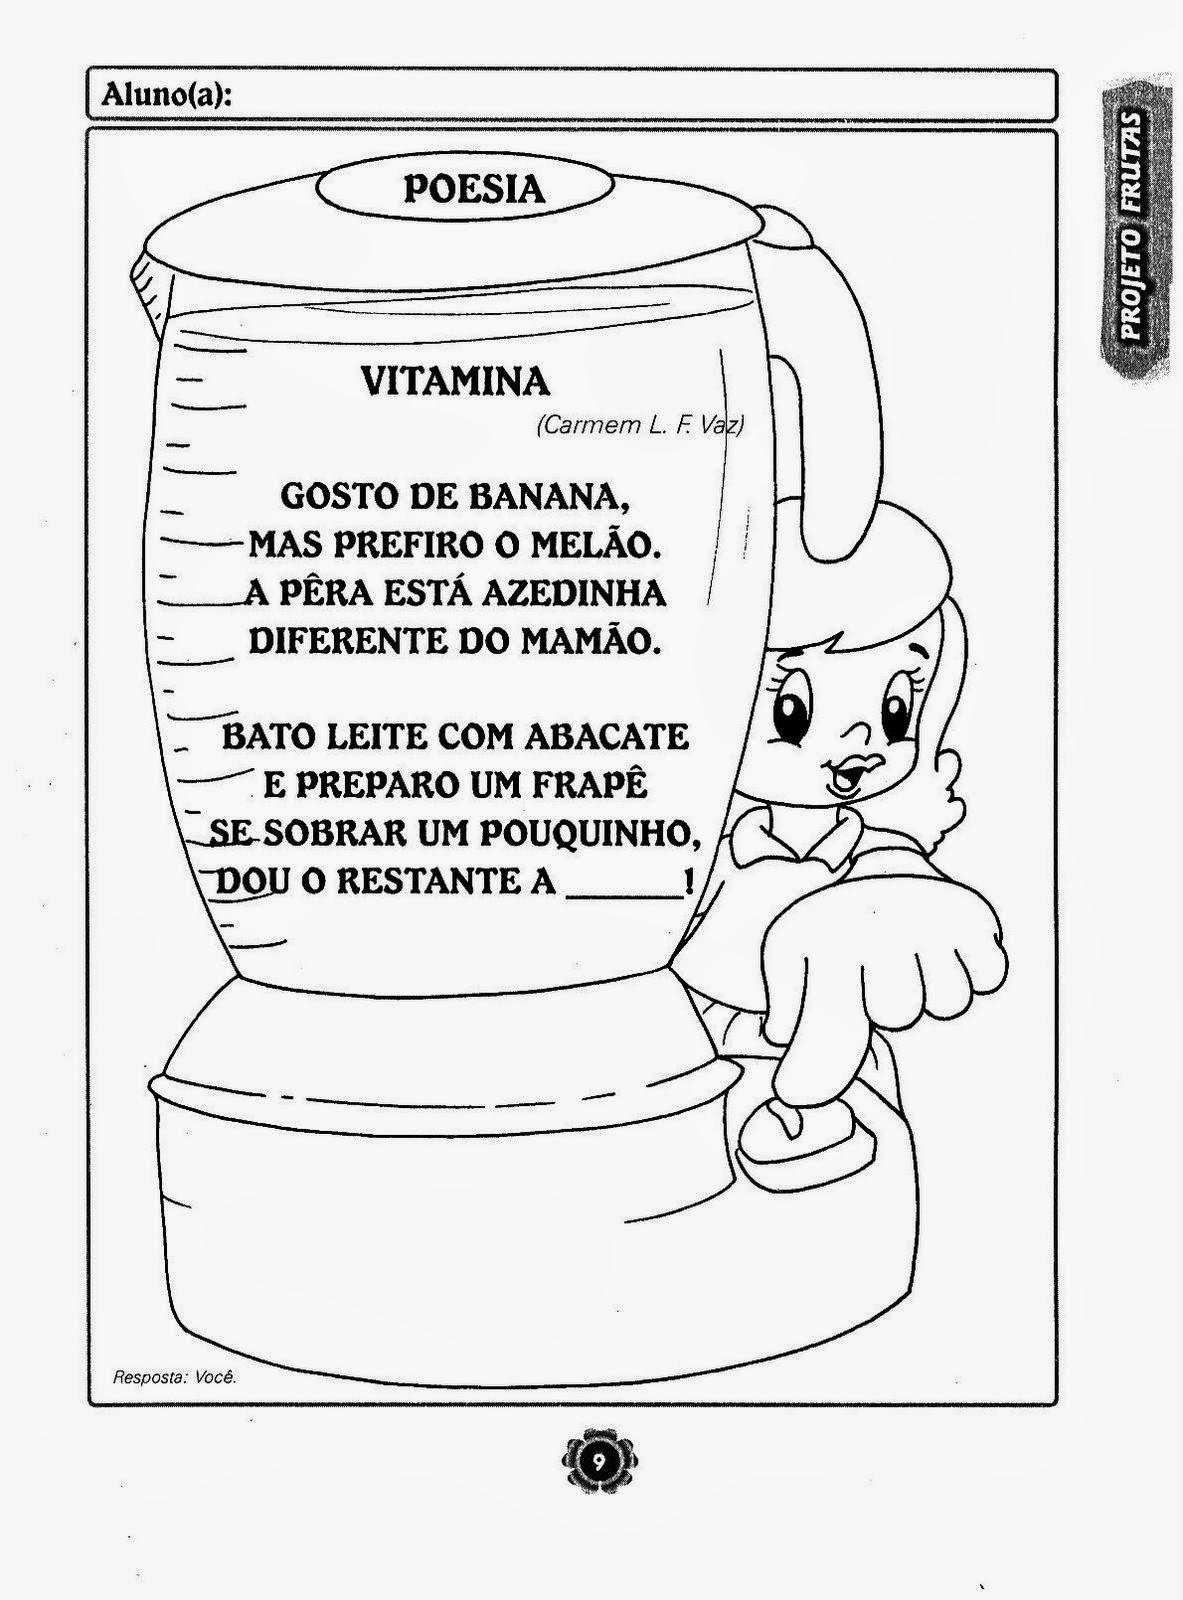 Super Blog Professor Zezinho : Projeto Adoro Frutas - Alimentação Saudável JI59